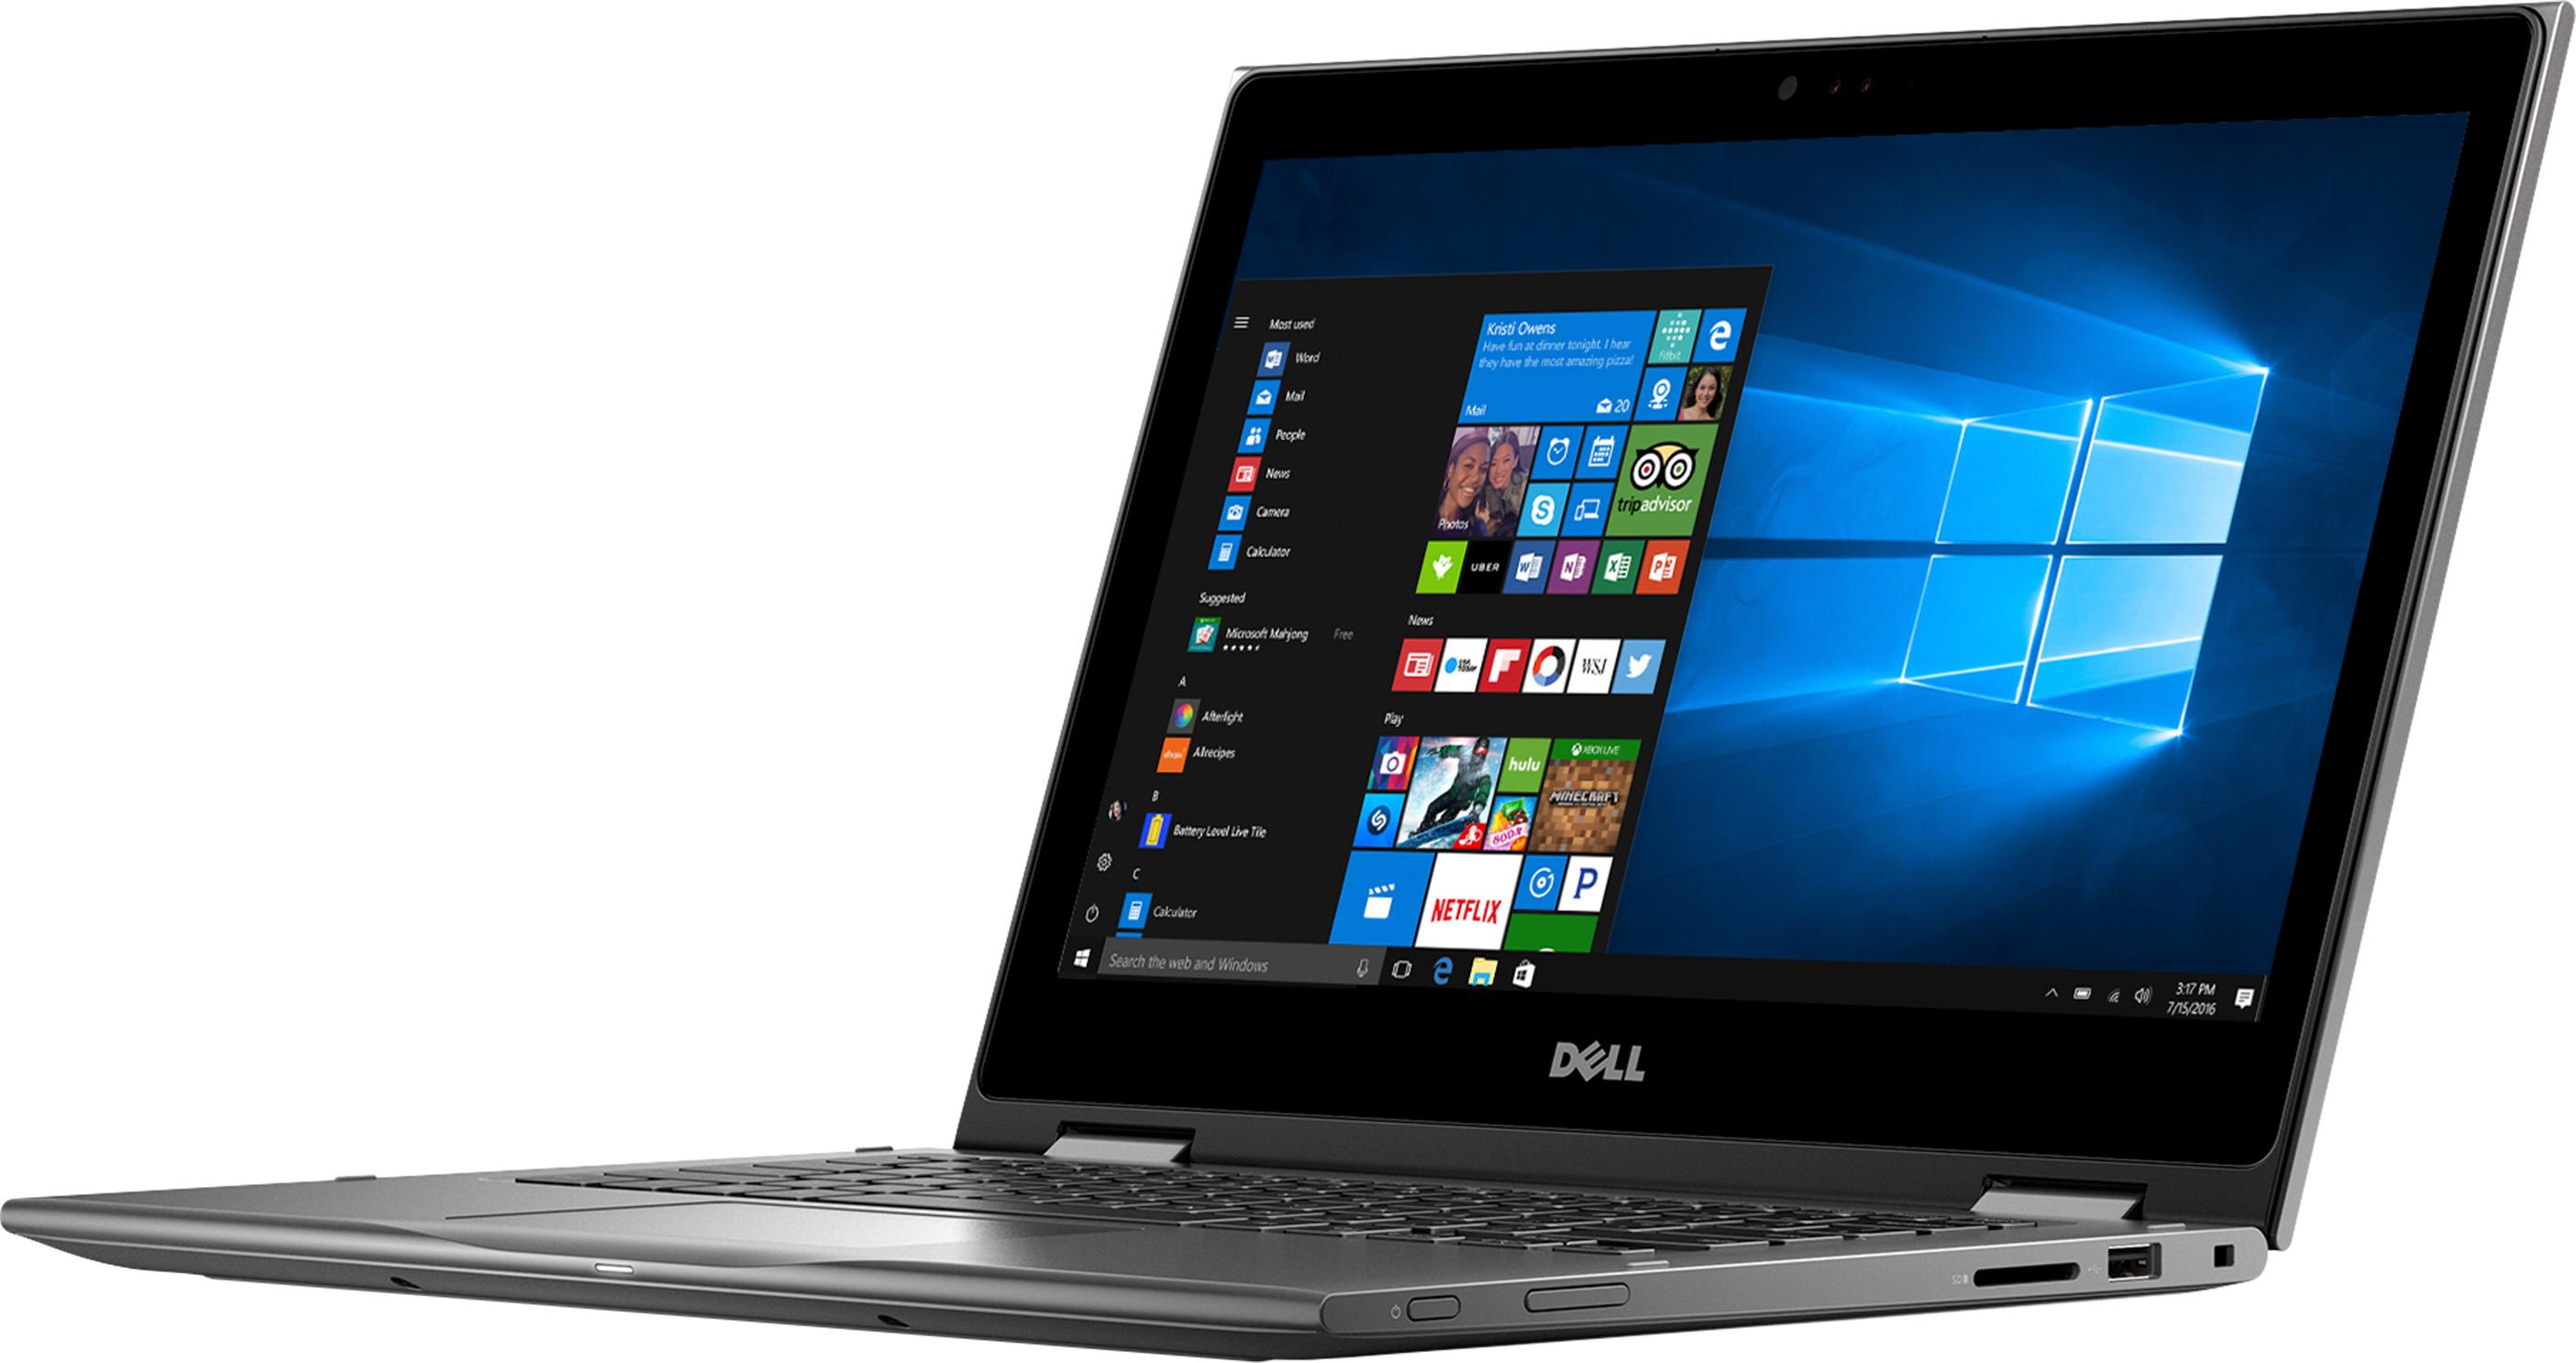 Dell Inspiron 13 5378 Signature Edition 2 in 1 PC